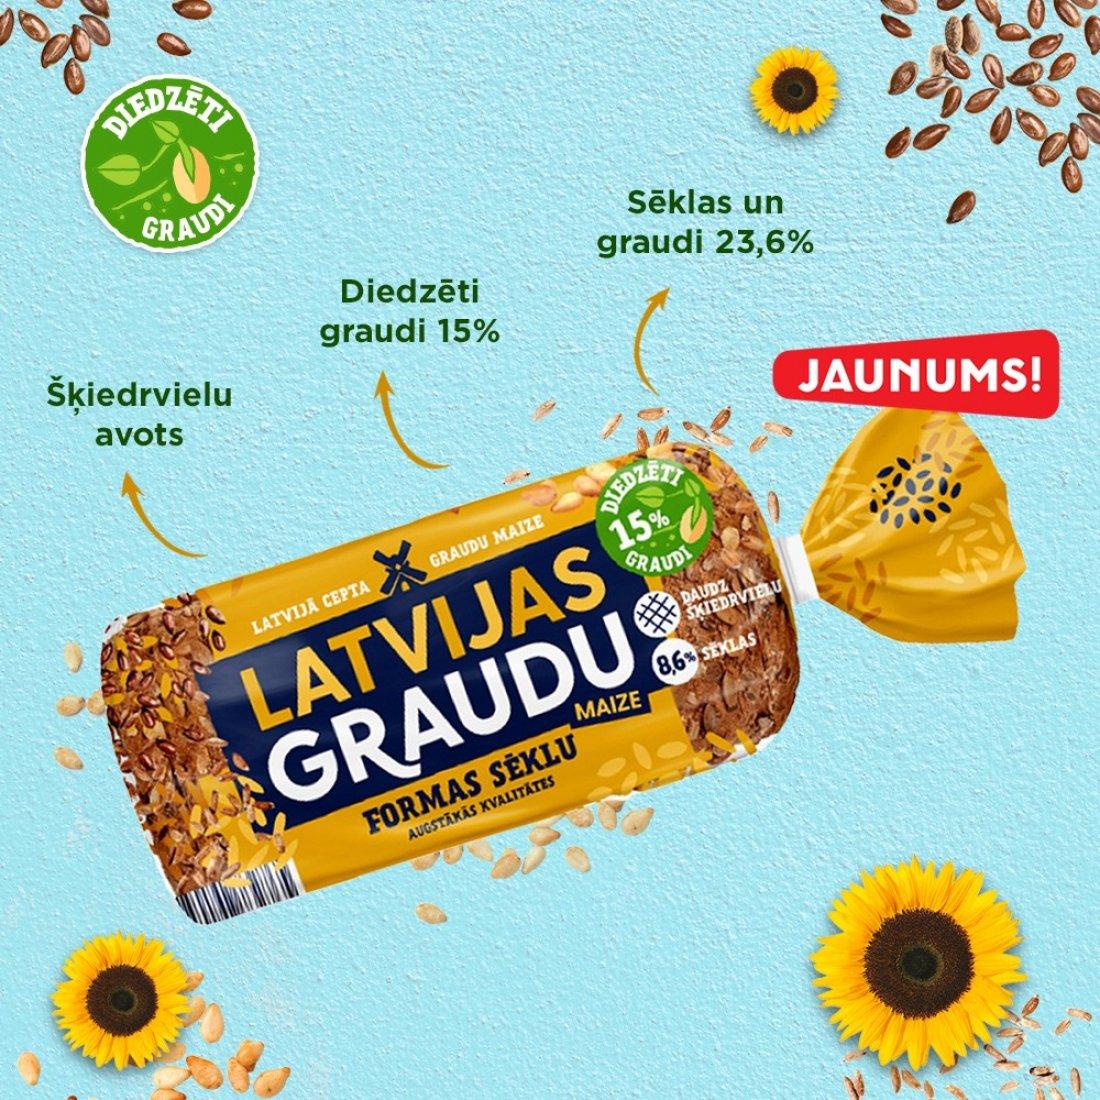 JAUNUMS! Latvijas Graudu formas sēklu maize